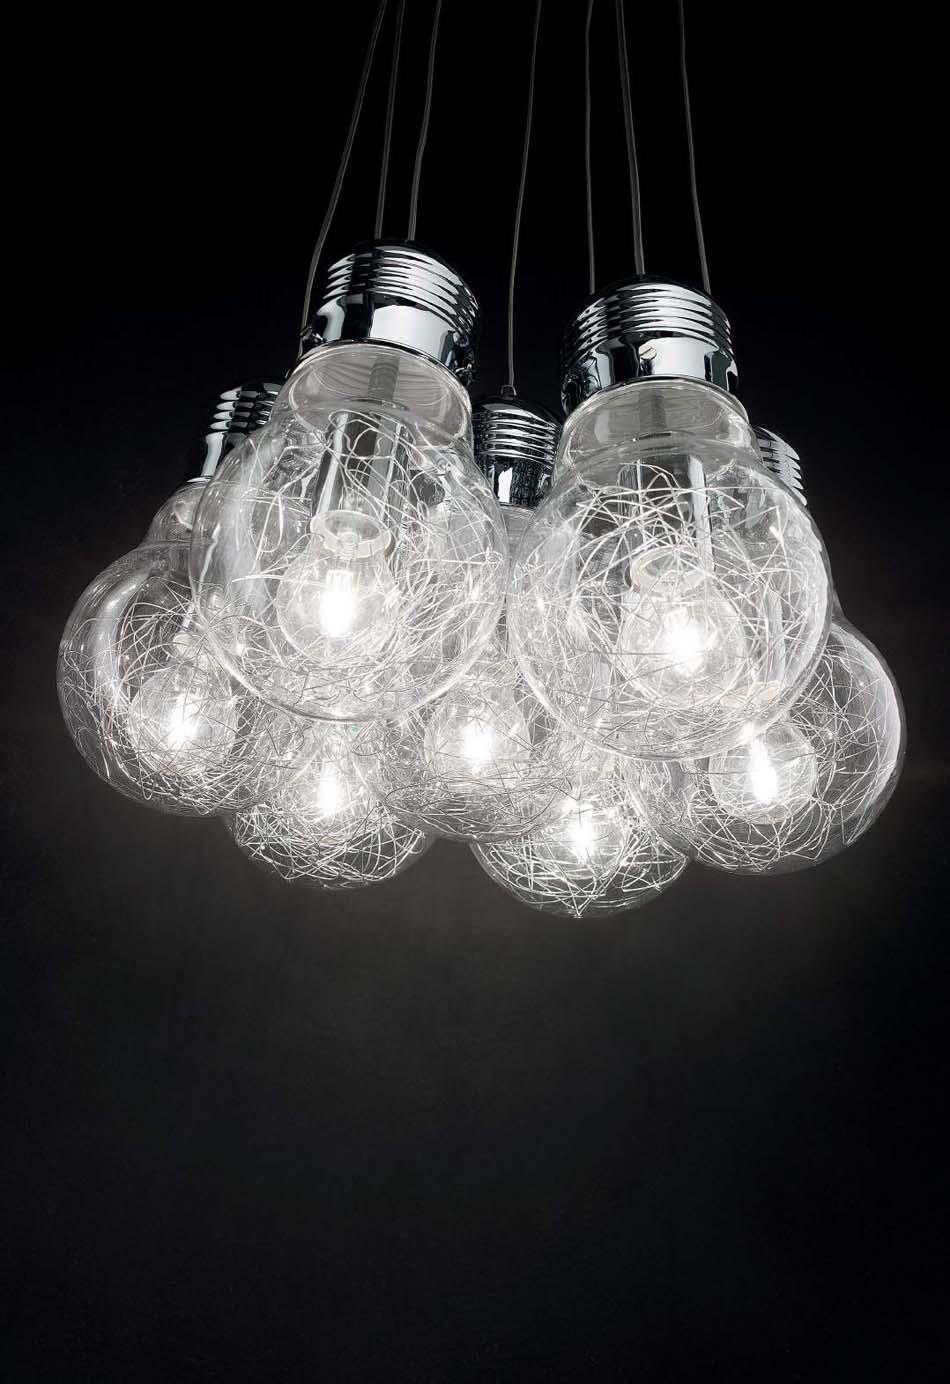 Lampade sospensione Ideal Lux Luce Max – Bruni Arredamenti